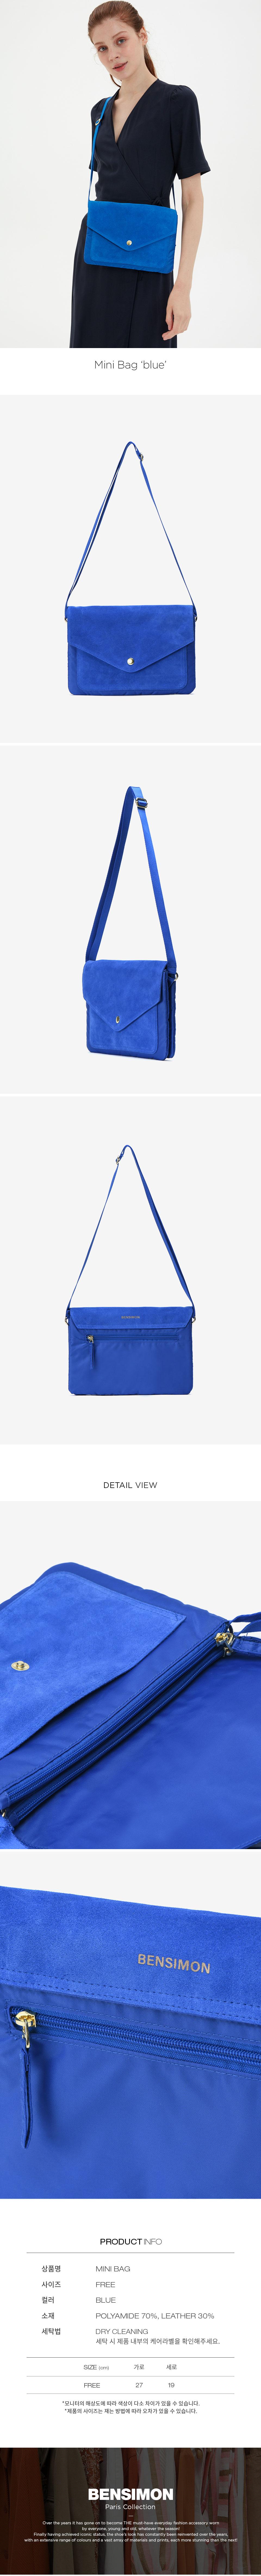 벤시몽(BENSIMON) [PARIS COLLECTION] MINI BAG - BLUE